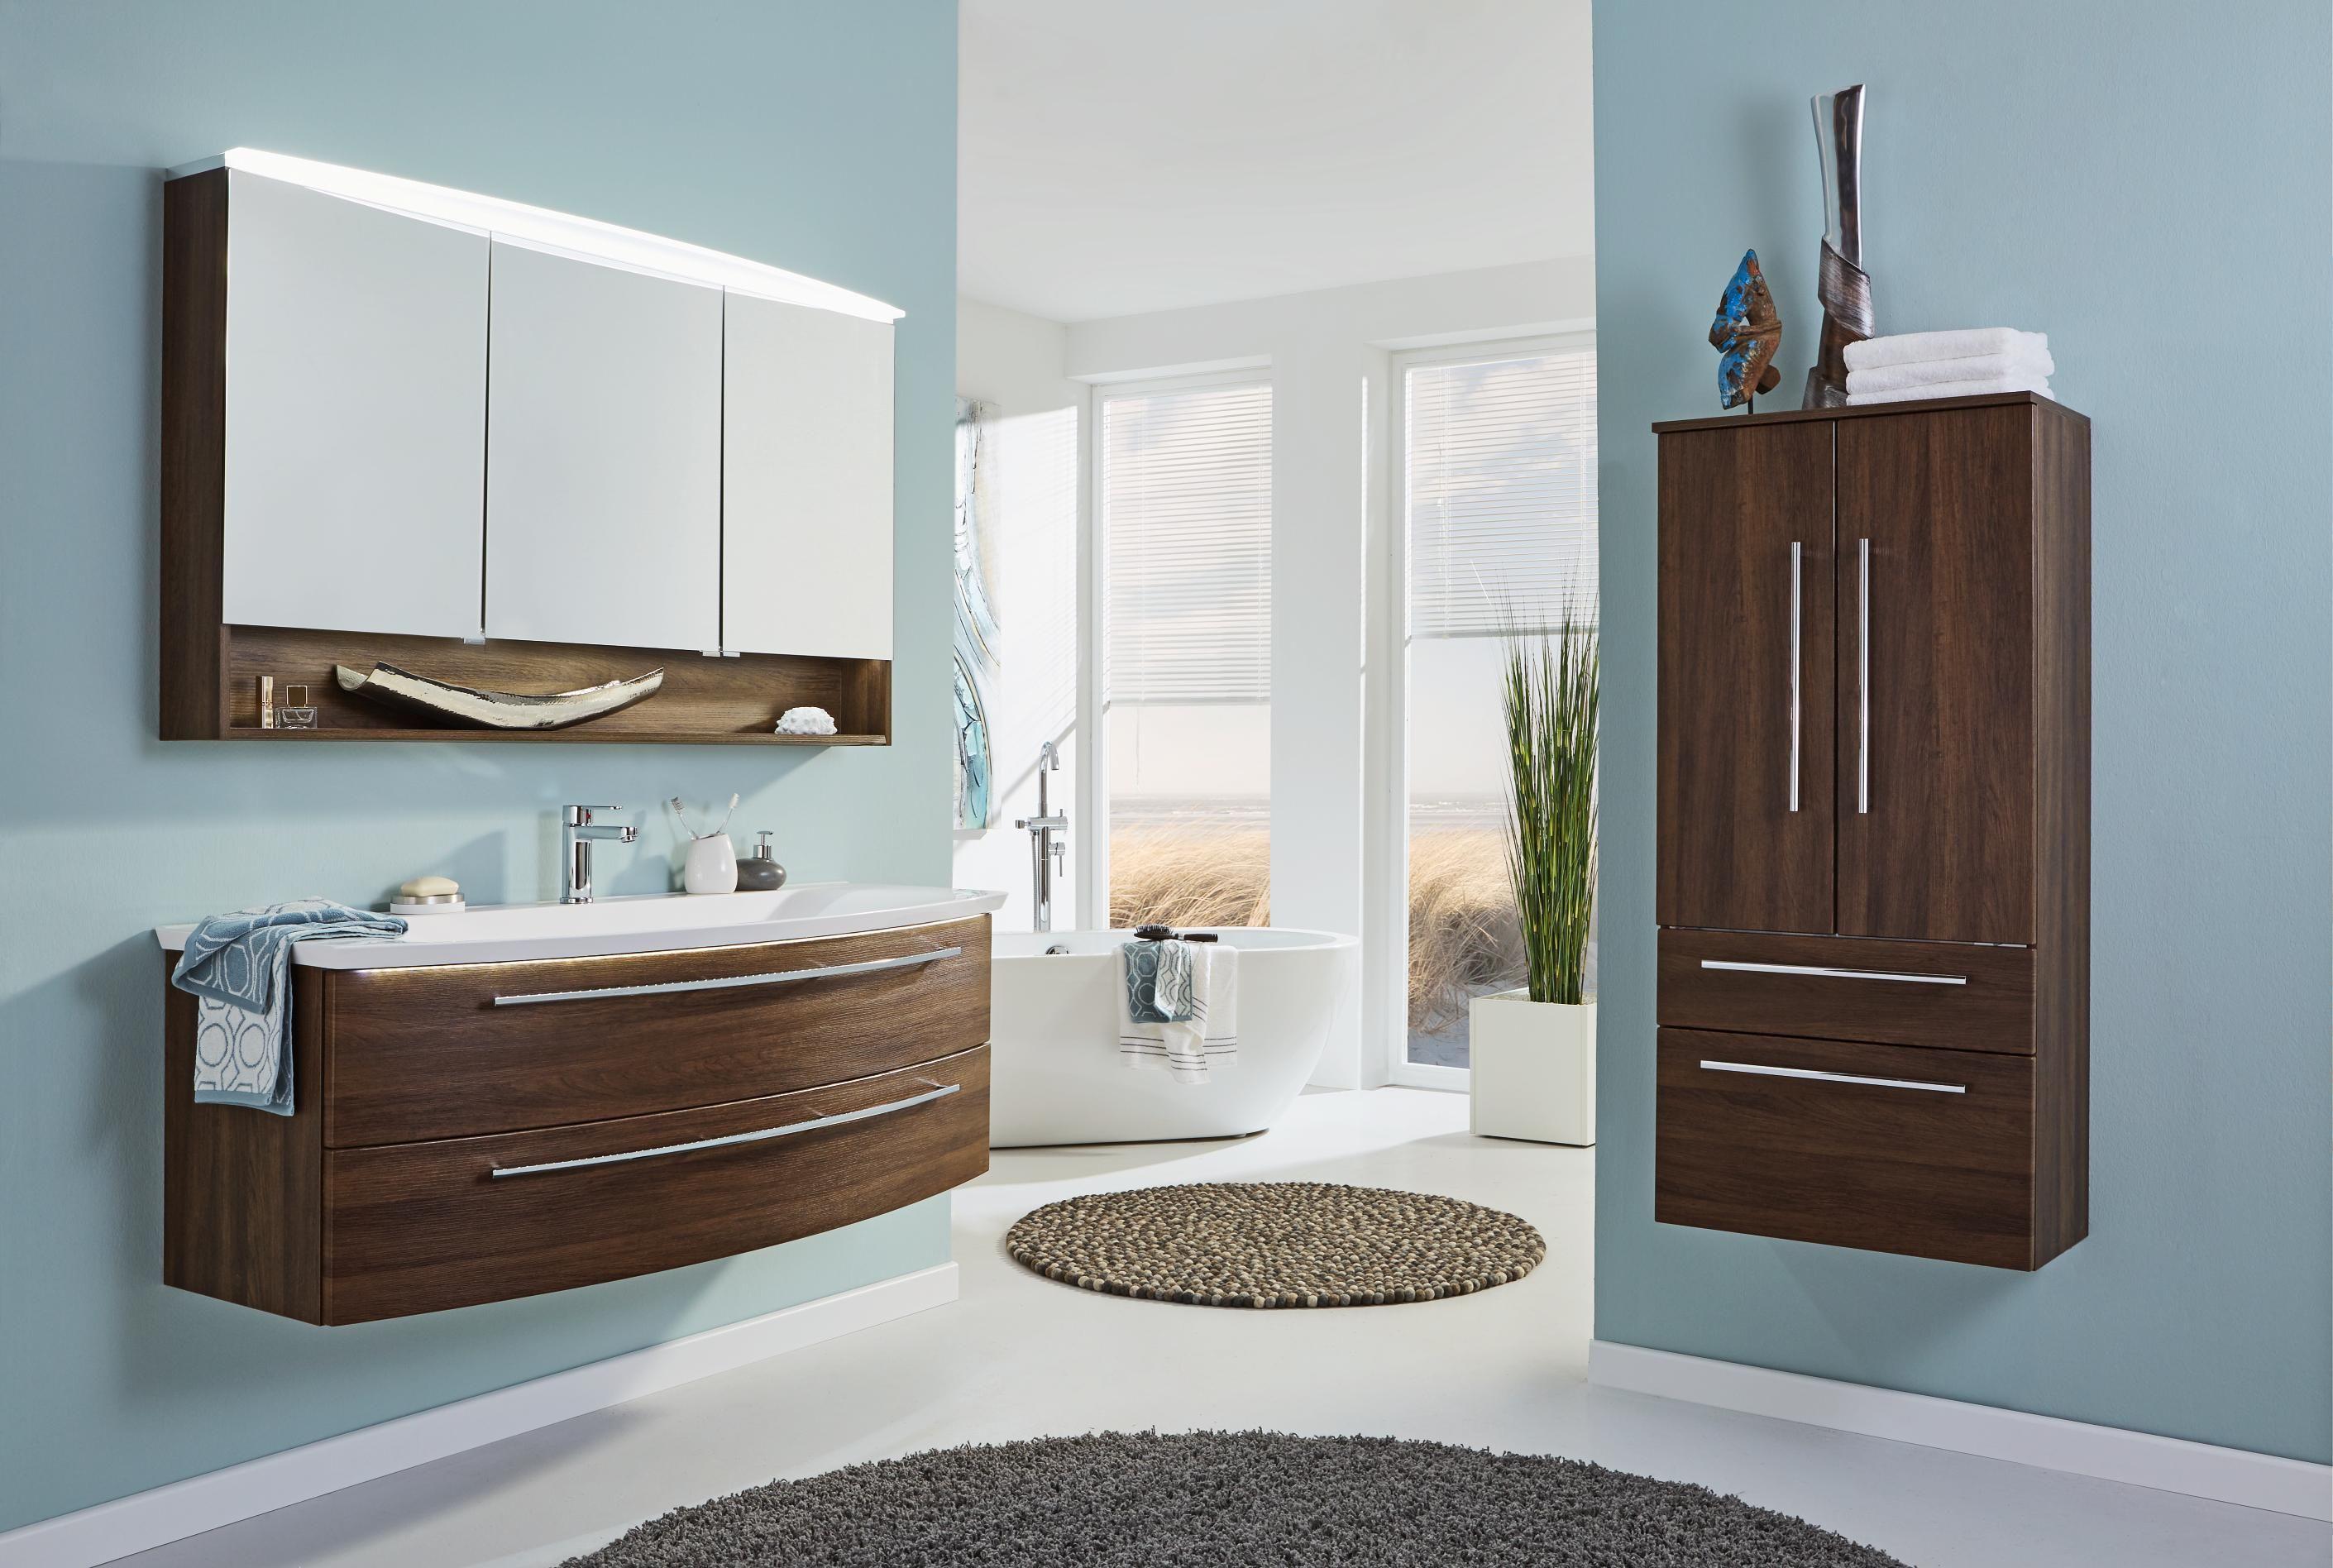 Geschmackvolles Badezimmer von DIETER KNOLL mit praktischer ...